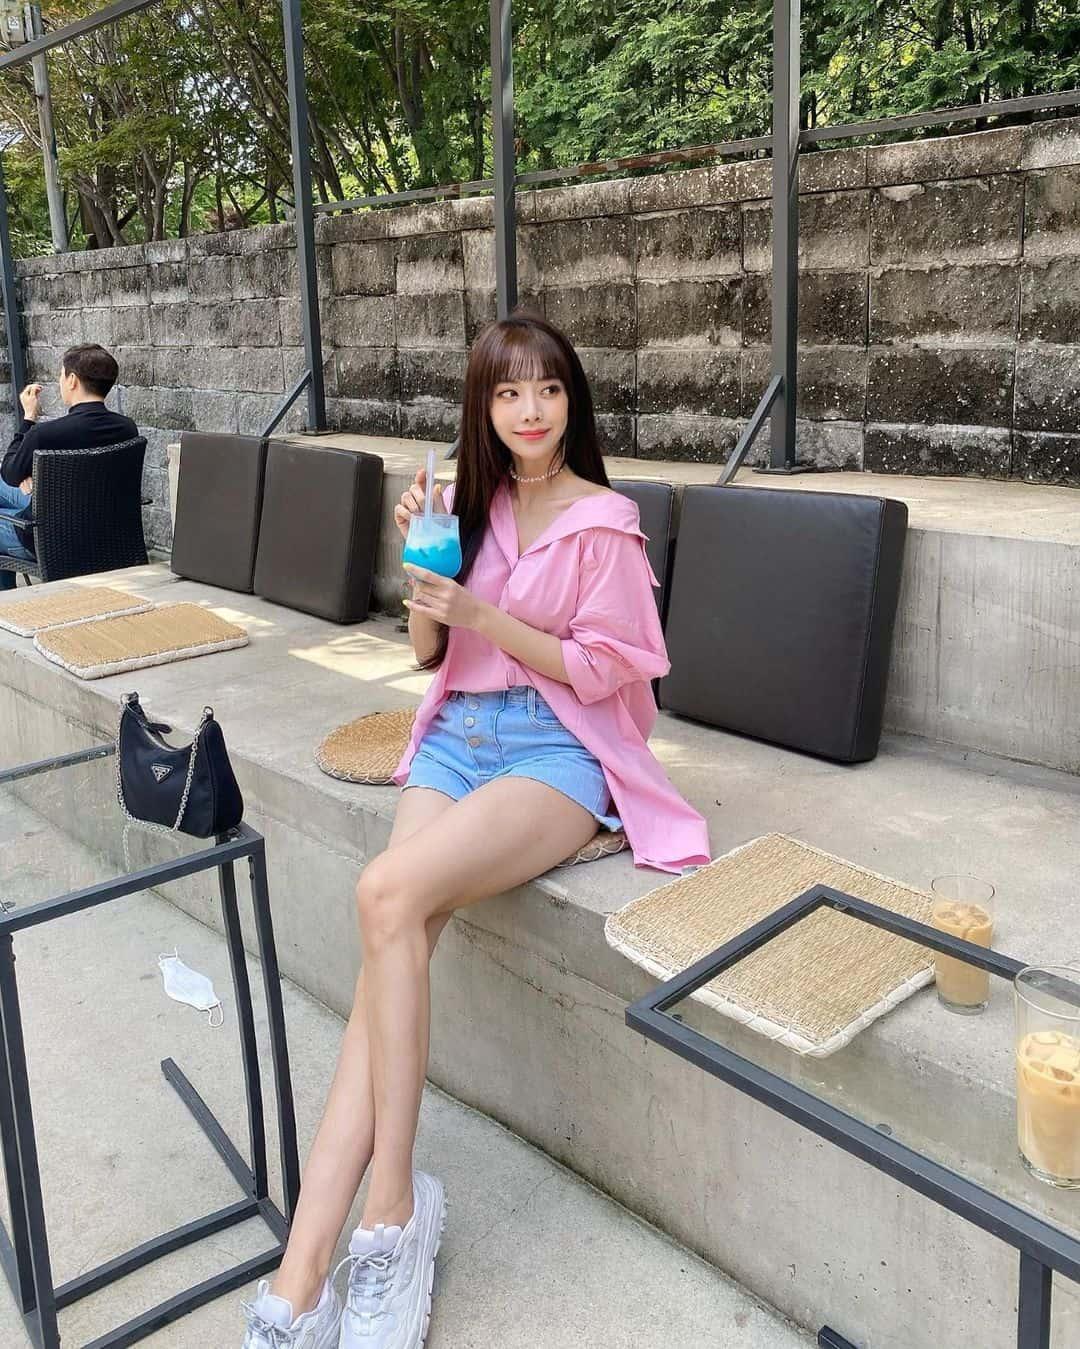 다리라인을 부각시키는 패션을 즐겨 입는 은지 - 은지 인스타그램 출처